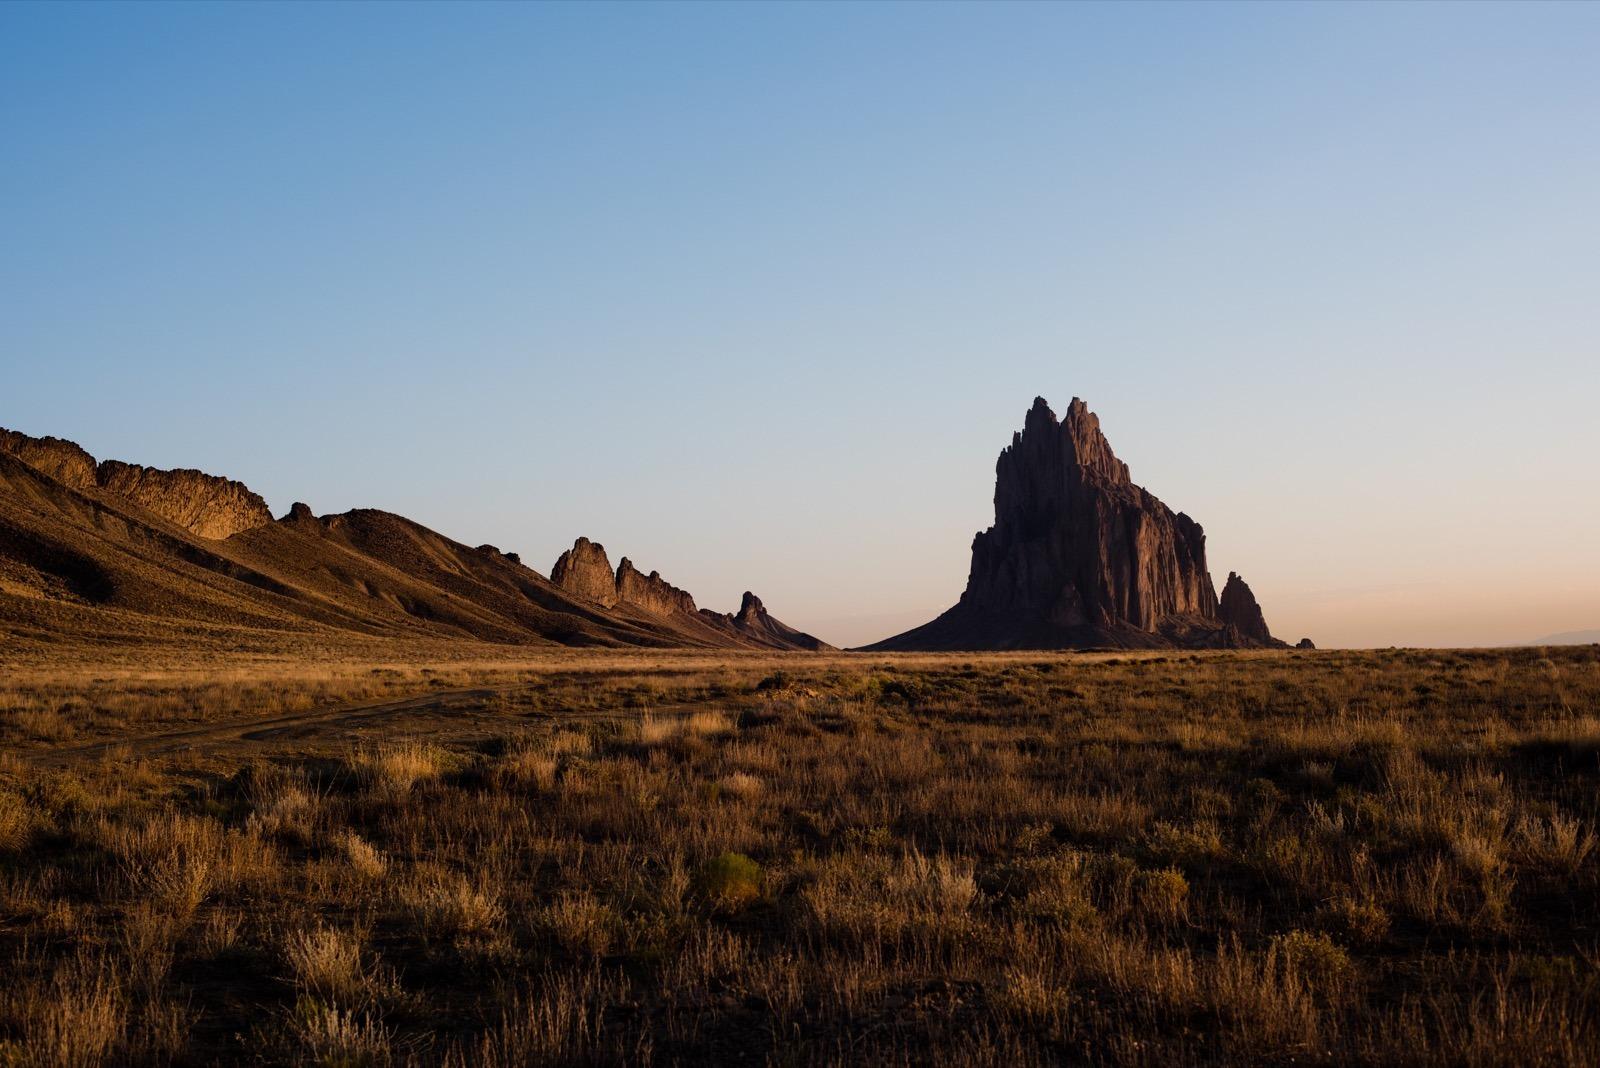 Jaydiamond-Taliman-navajo-nation-new-mexico-shiprock-pinnacle